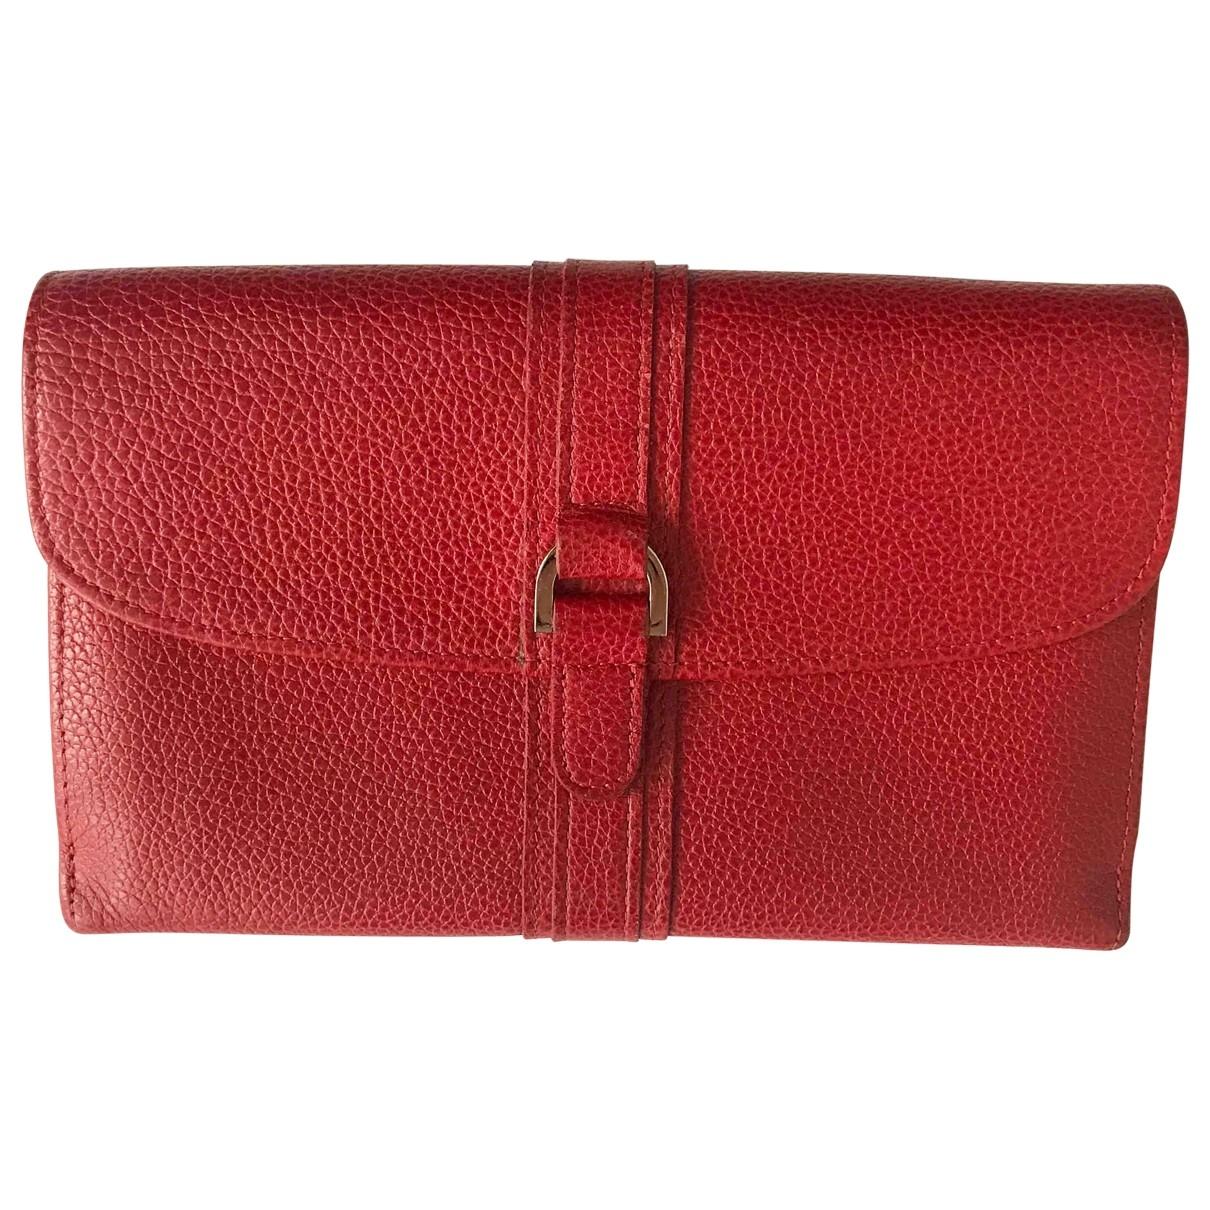 Longchamp - Portefeuille   pour femme en cuir - rouge